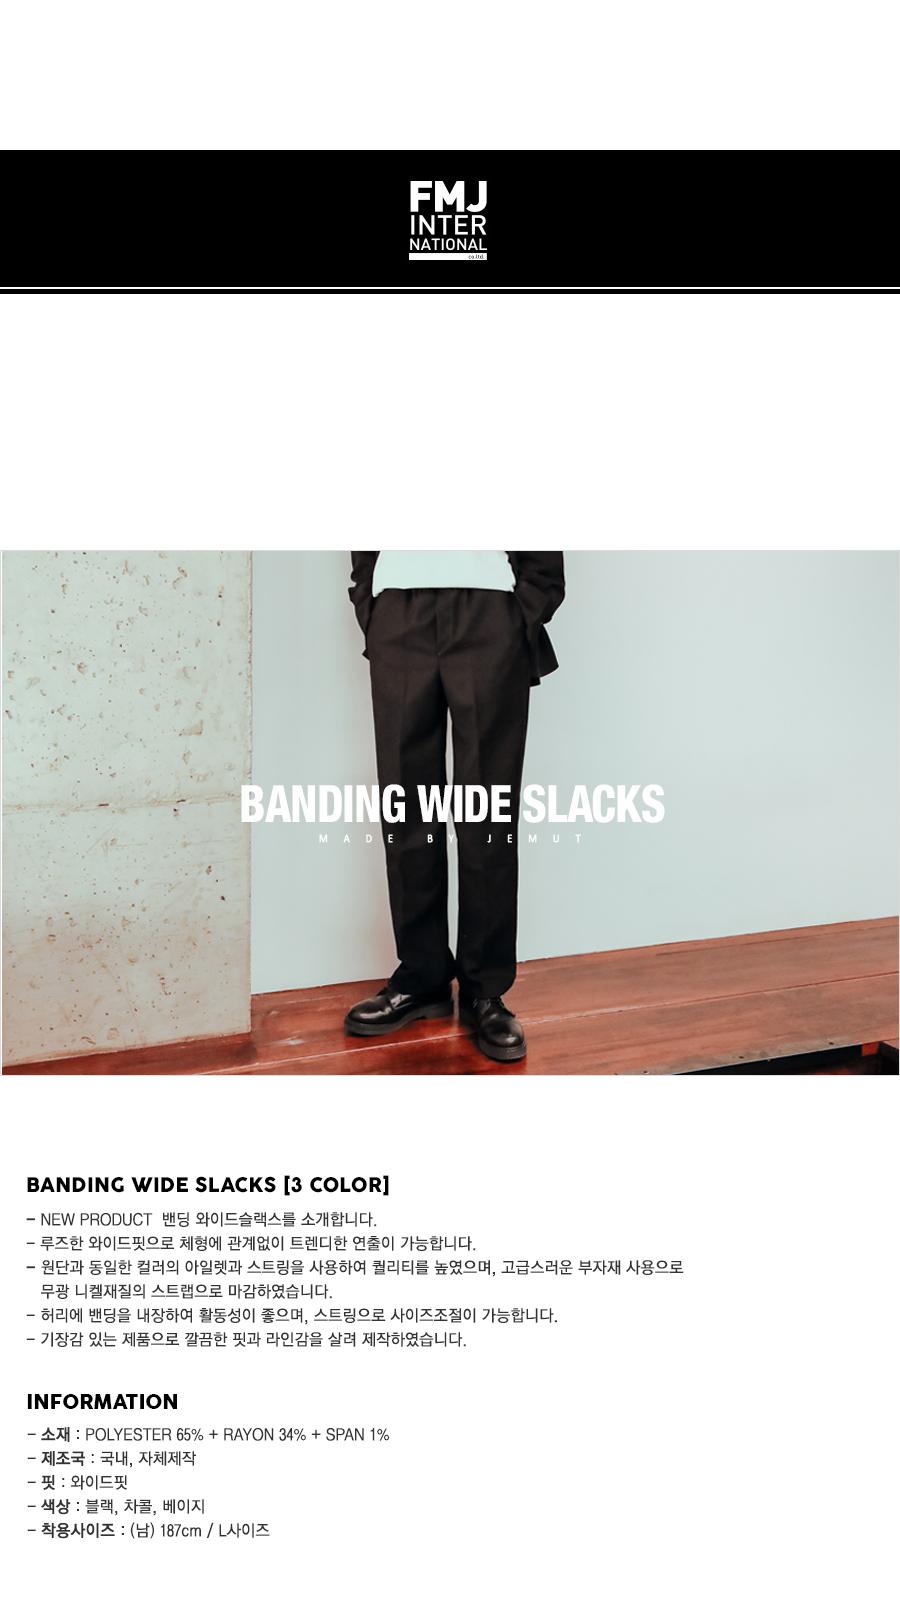 20180219__banding_wide_slacks_title_kj.jpg